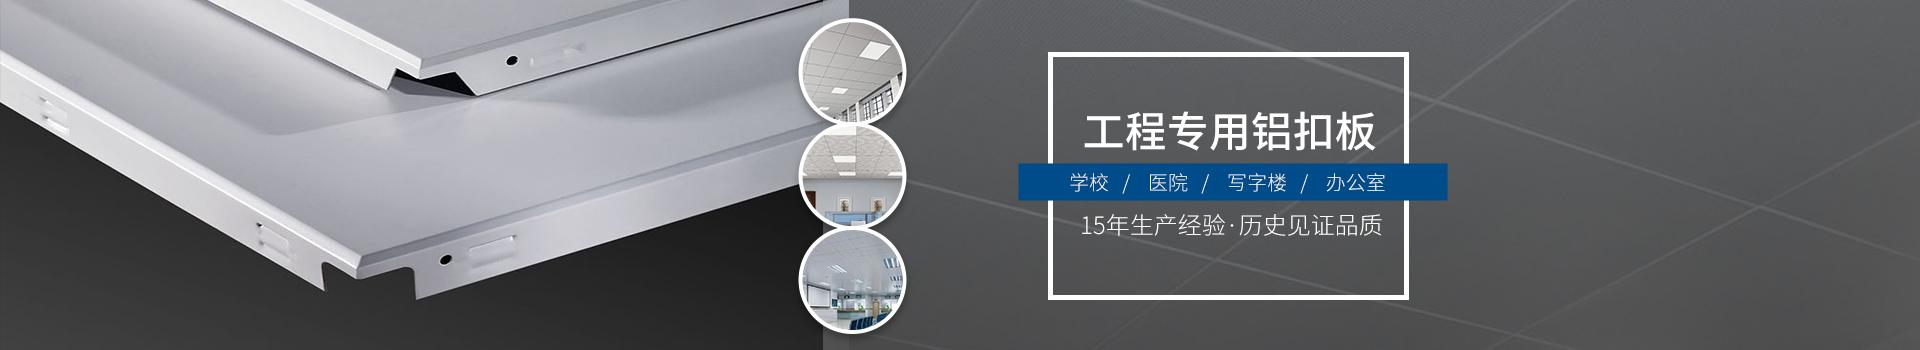 O型铝圆管天花 - 源艺